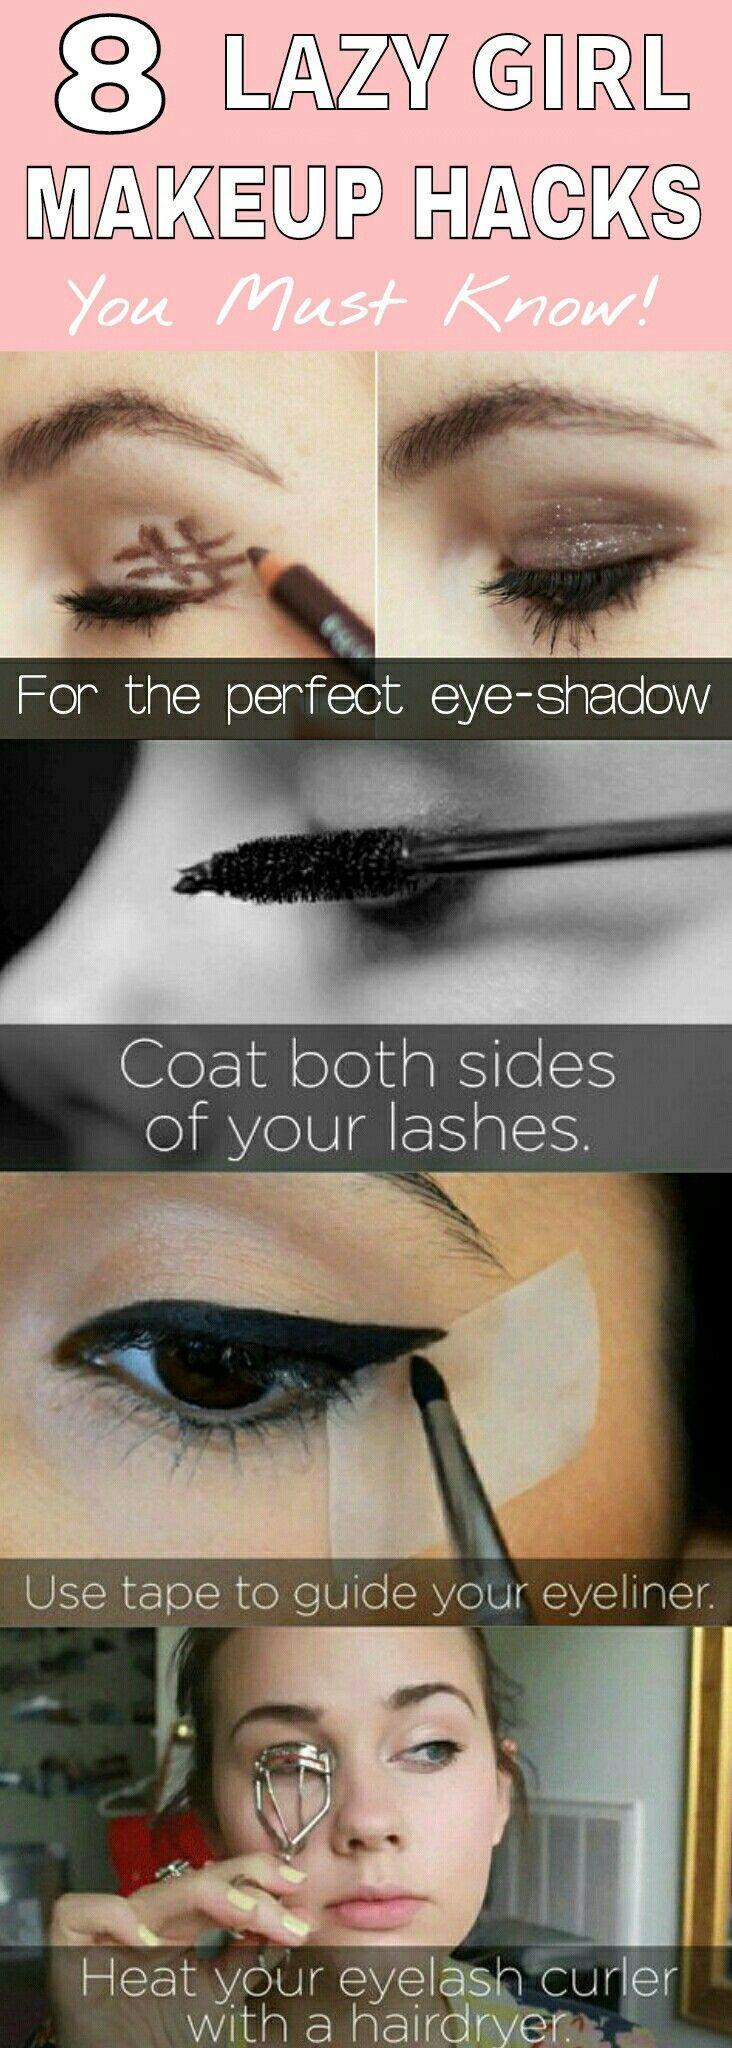 Makeup-Tipps, Make-up-Hacks, Beauty-Hacks, Make-up-Tricks, Beauty-Tipps, beliebt…